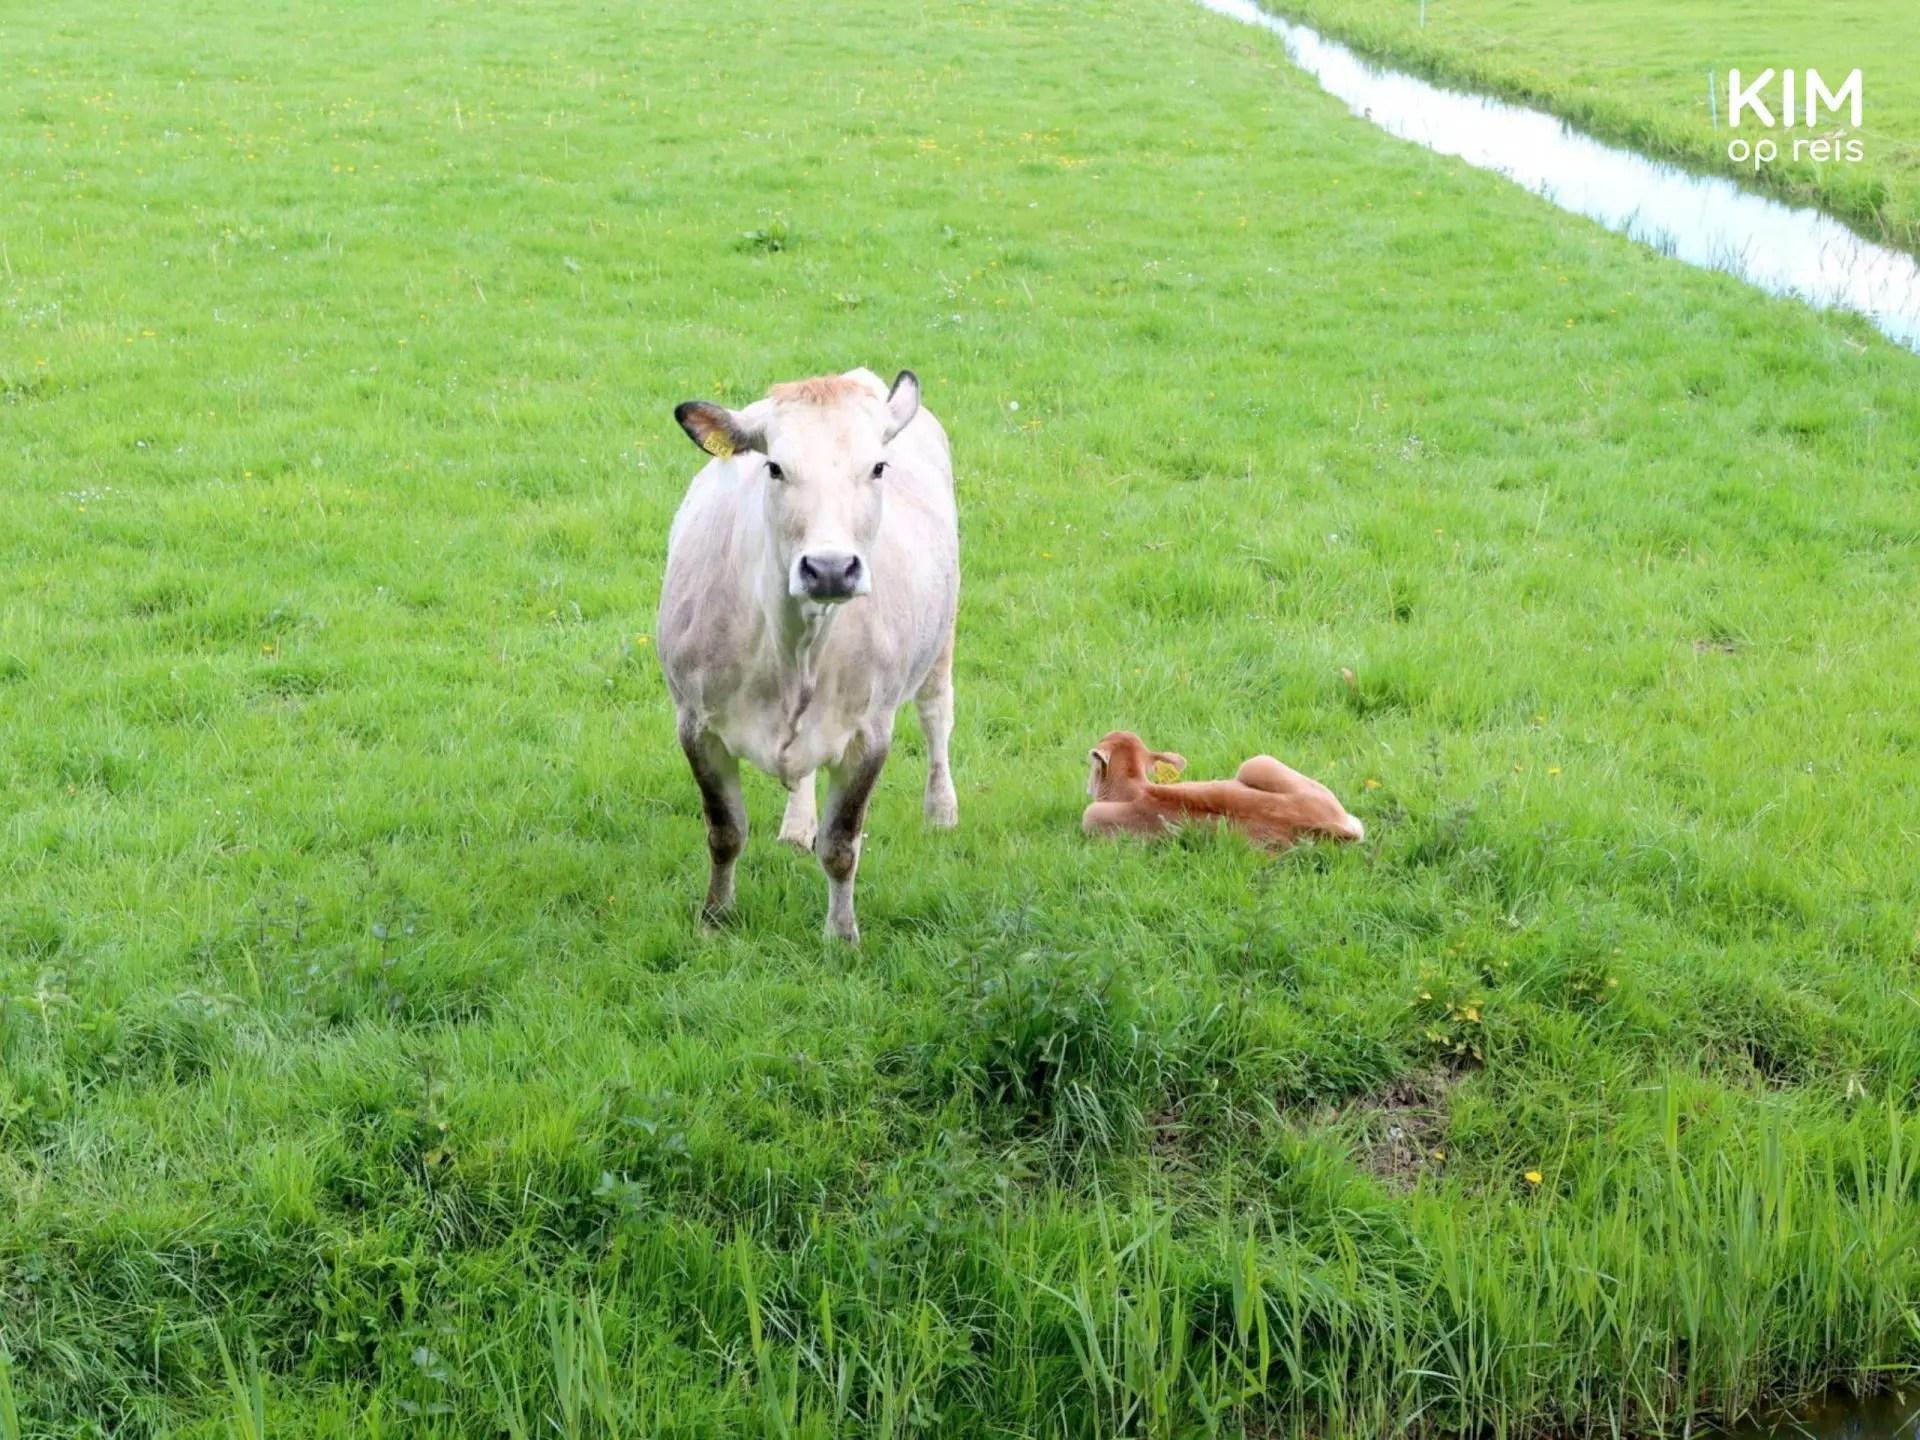 Stelling van Amsterdam walking Cow with calf